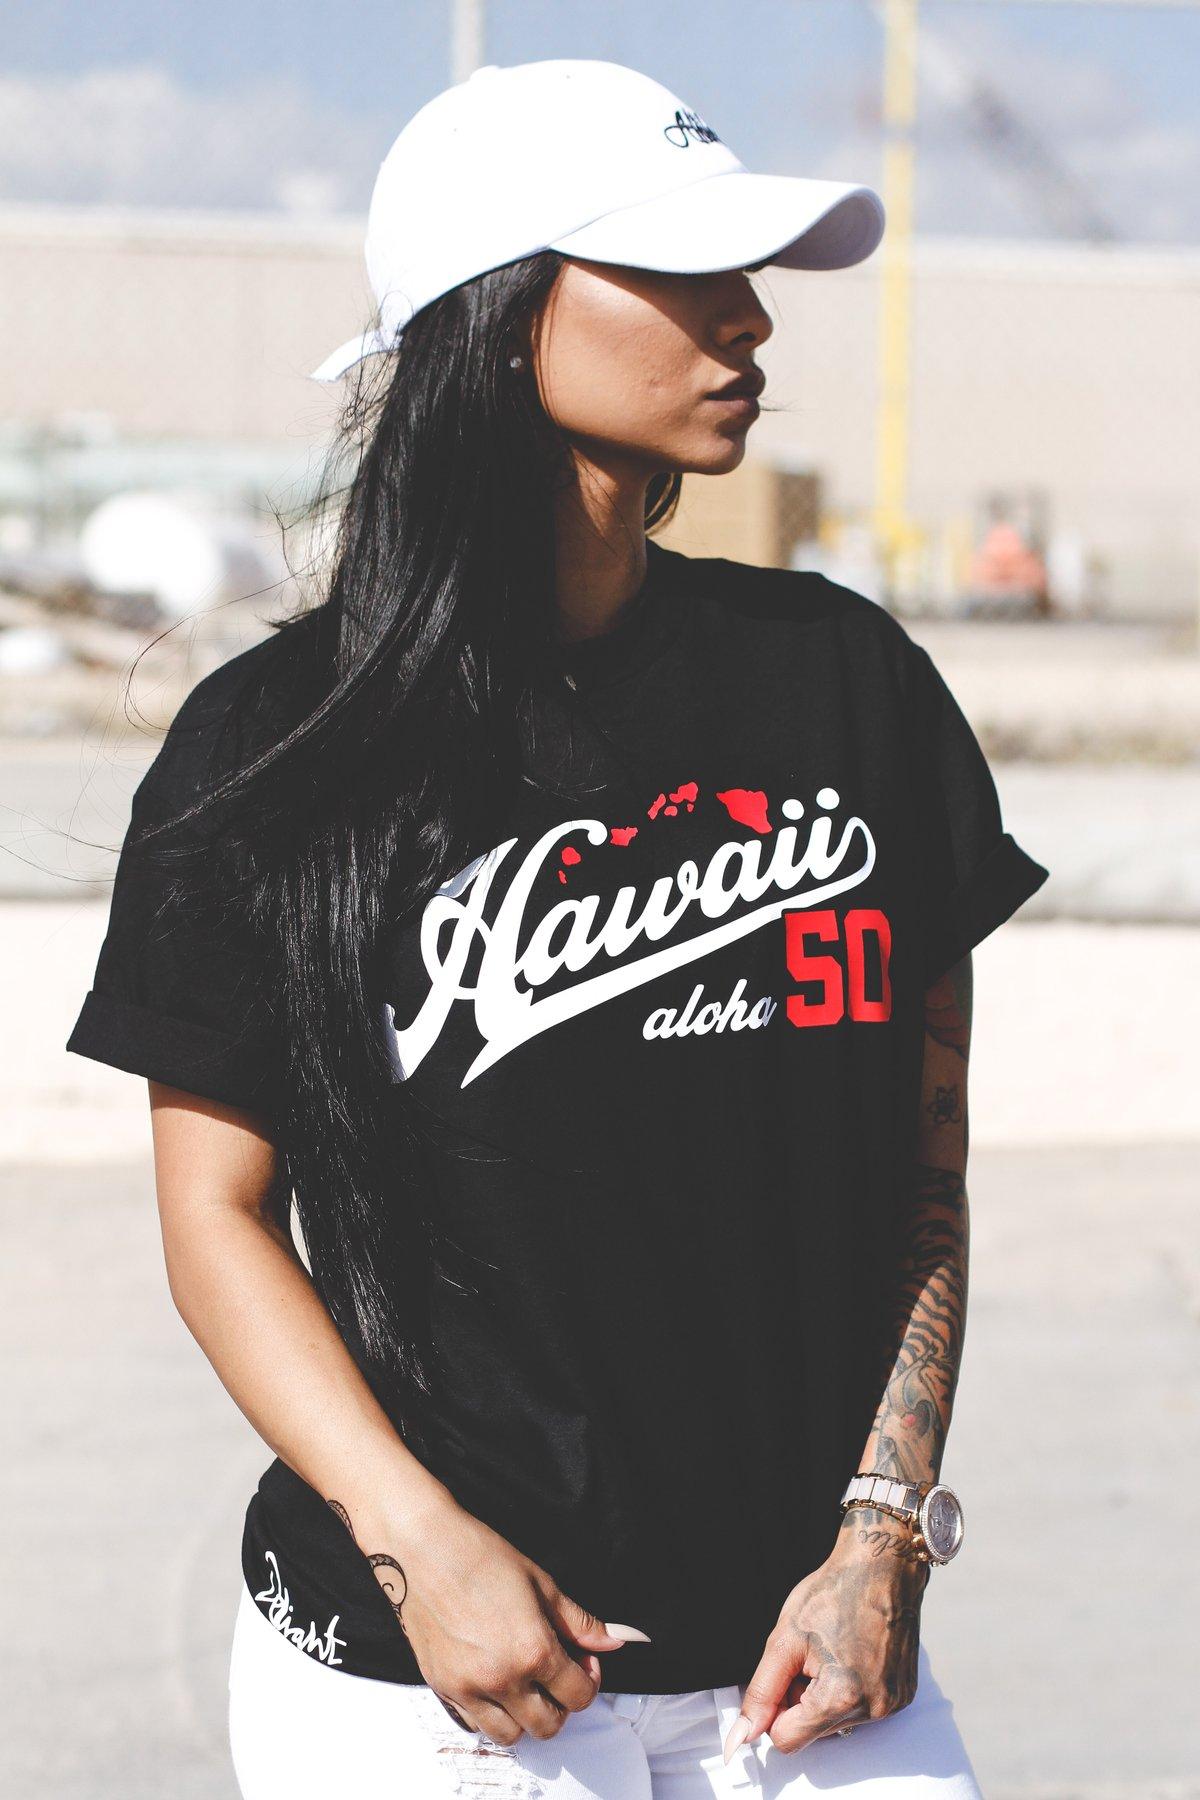 Hawaii Aloha 50 Tee (Black/Red)